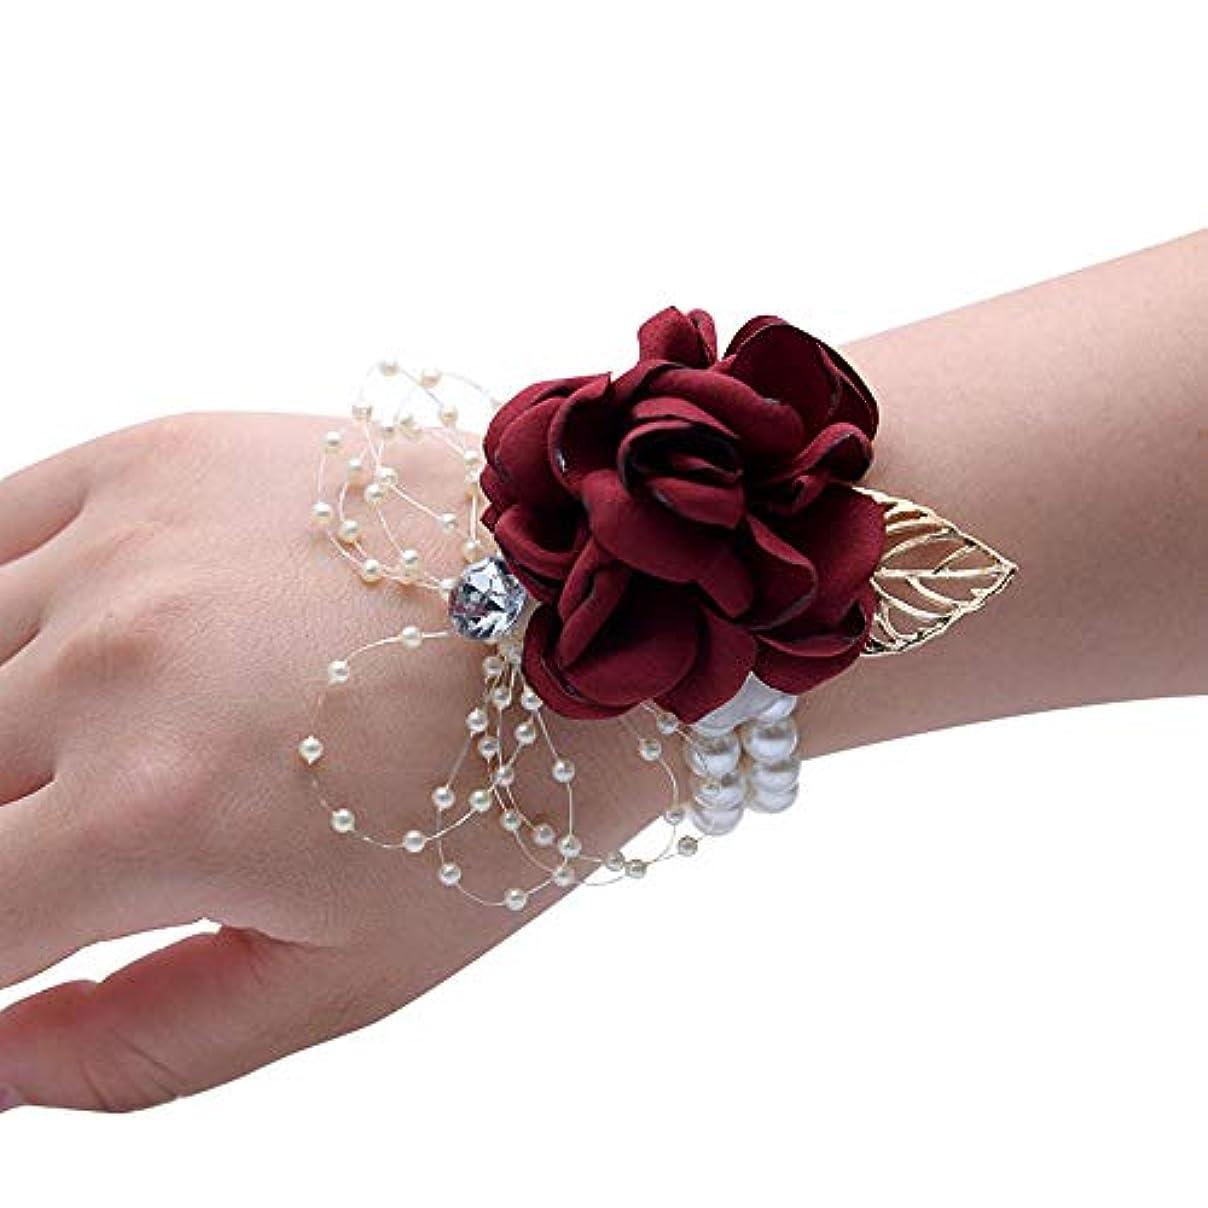 漂流国勢調査頼むMerssavo 手首の花 - 女の子チャーム手首コサージュブレスレット花嫁介添人姉妹の手の花のどの真珠の結婚式、ワインレッド